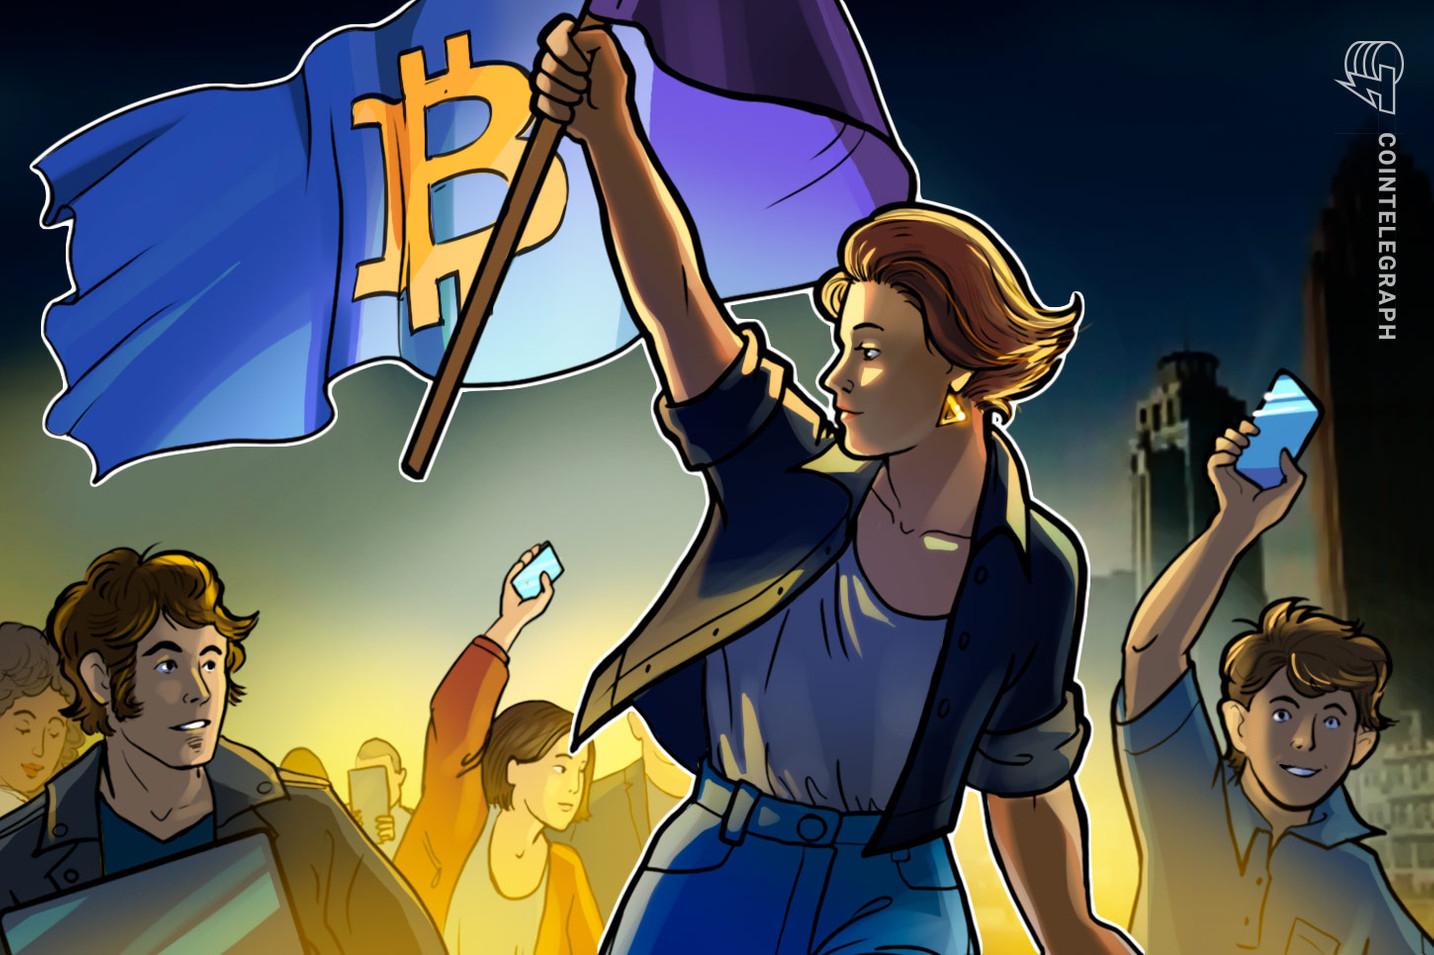 """Rechtspopulist Bannon: """"Kryptowährungen ermöglichen globale Revolution des Volkes"""""""